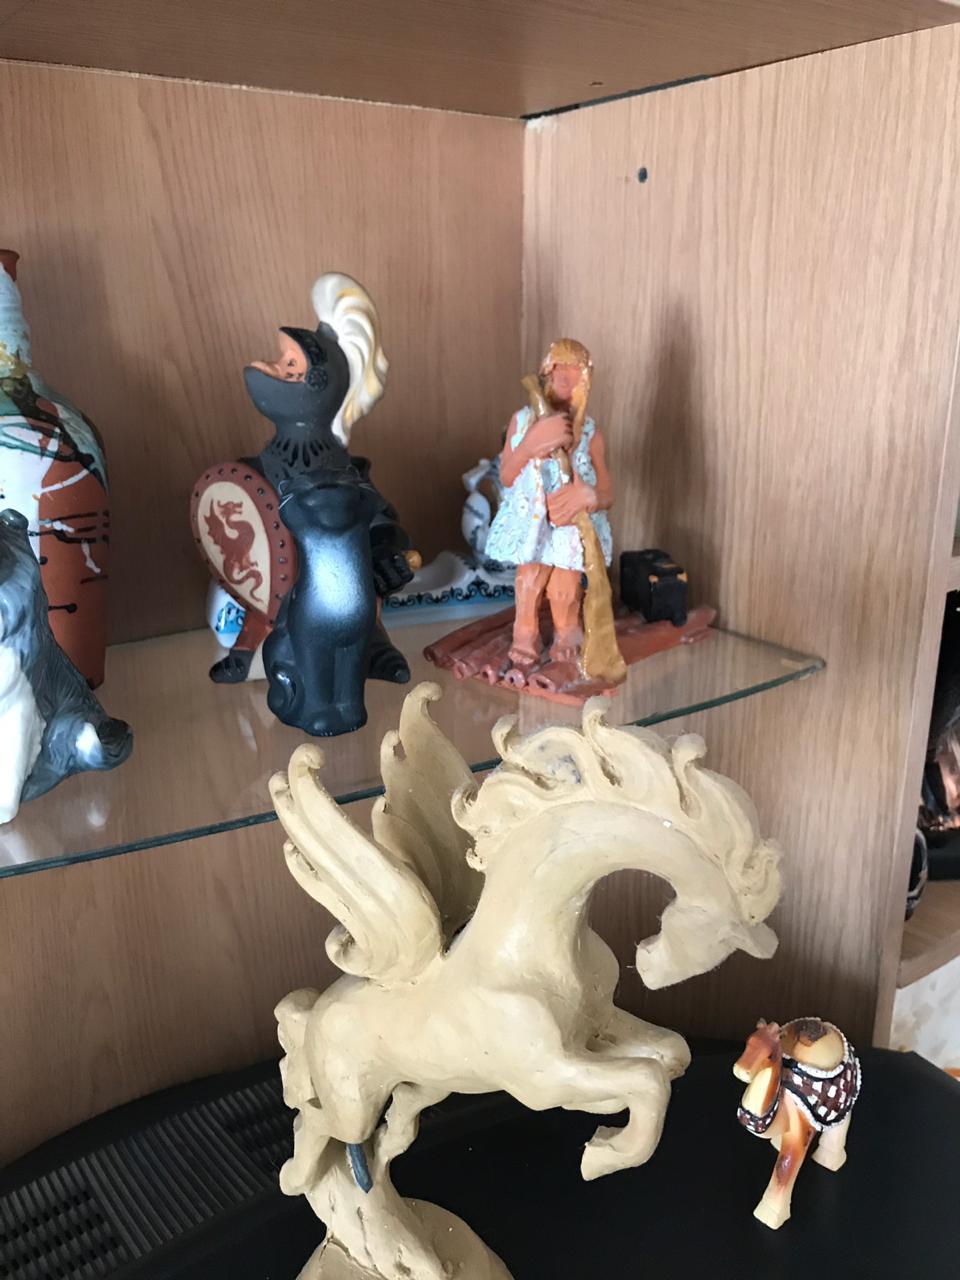 В гостях у башкирских скульпторов и художников Рафаэля Сатиева и Вилура Шакирова